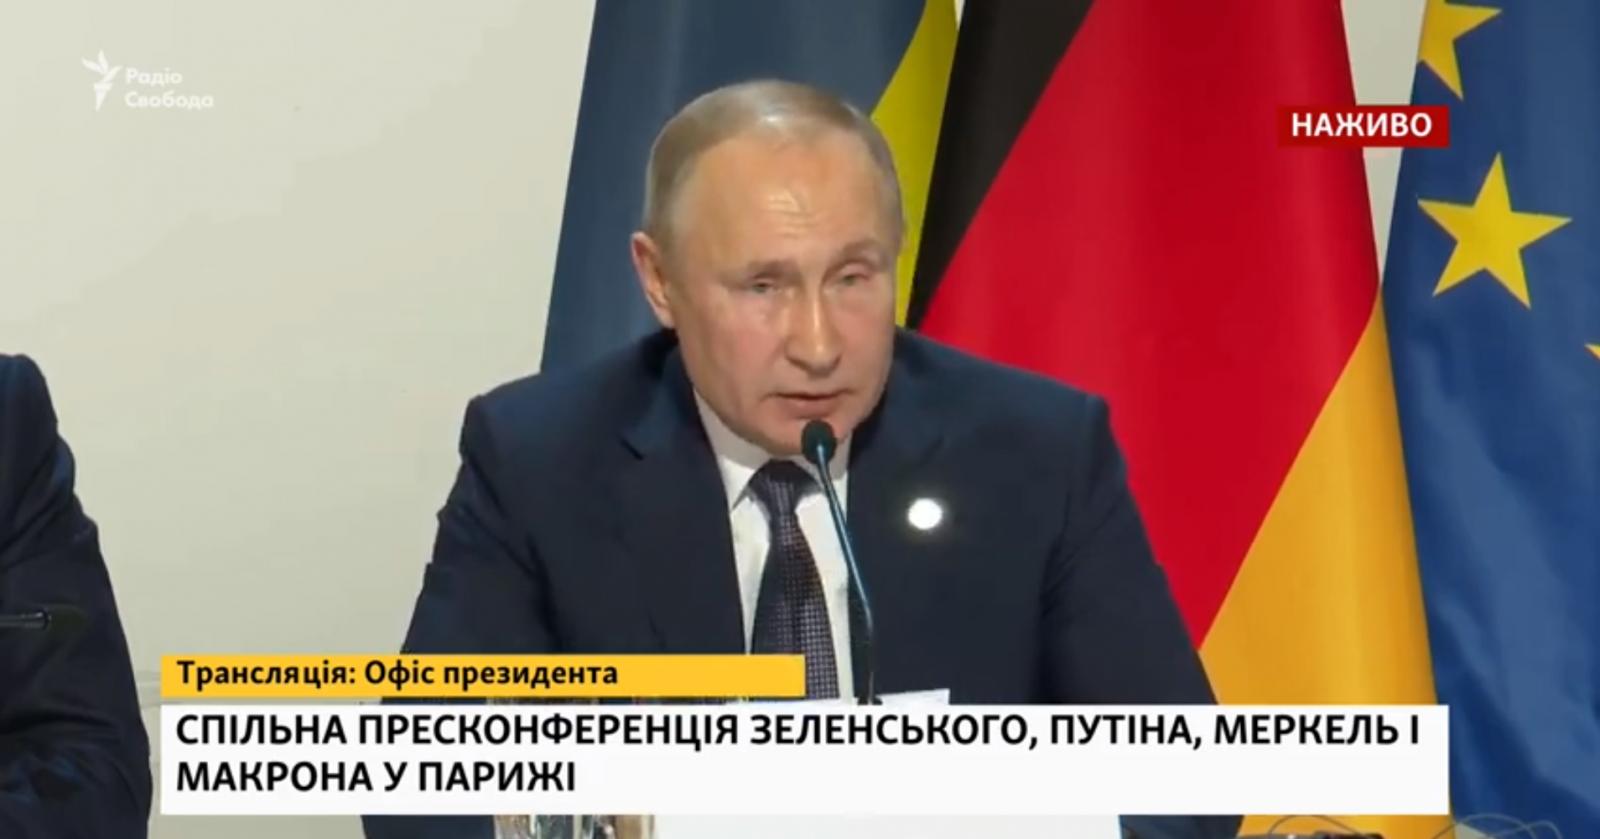 Есть потепление. Чего требовал Путин по итогам нормандского саммита